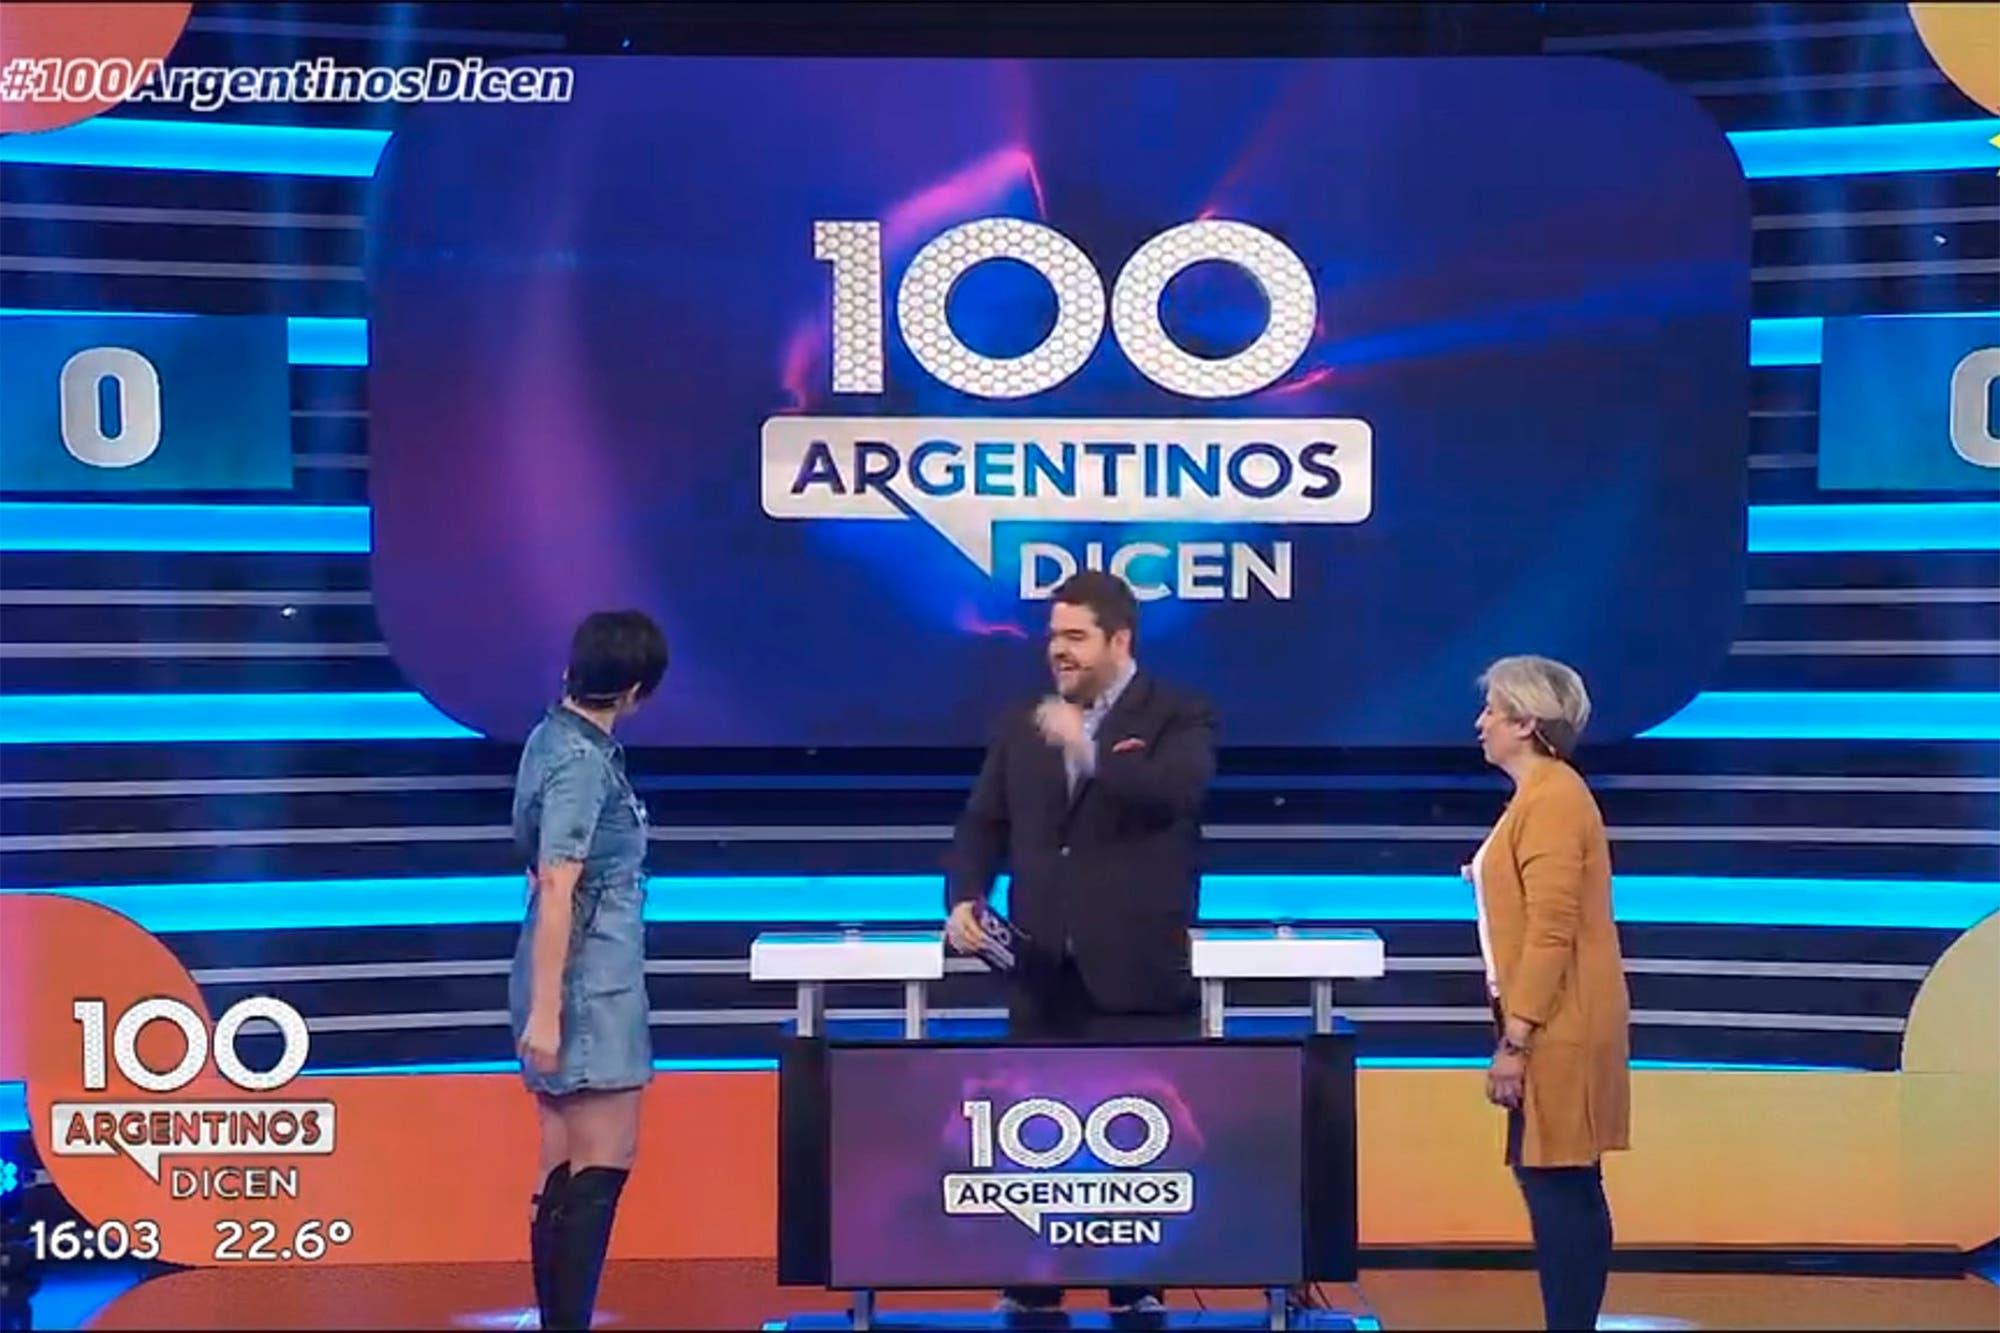 Así fue el debut de 100 argentinos dicen, otra de las nuevas apuestas de eltrece para sus tardes